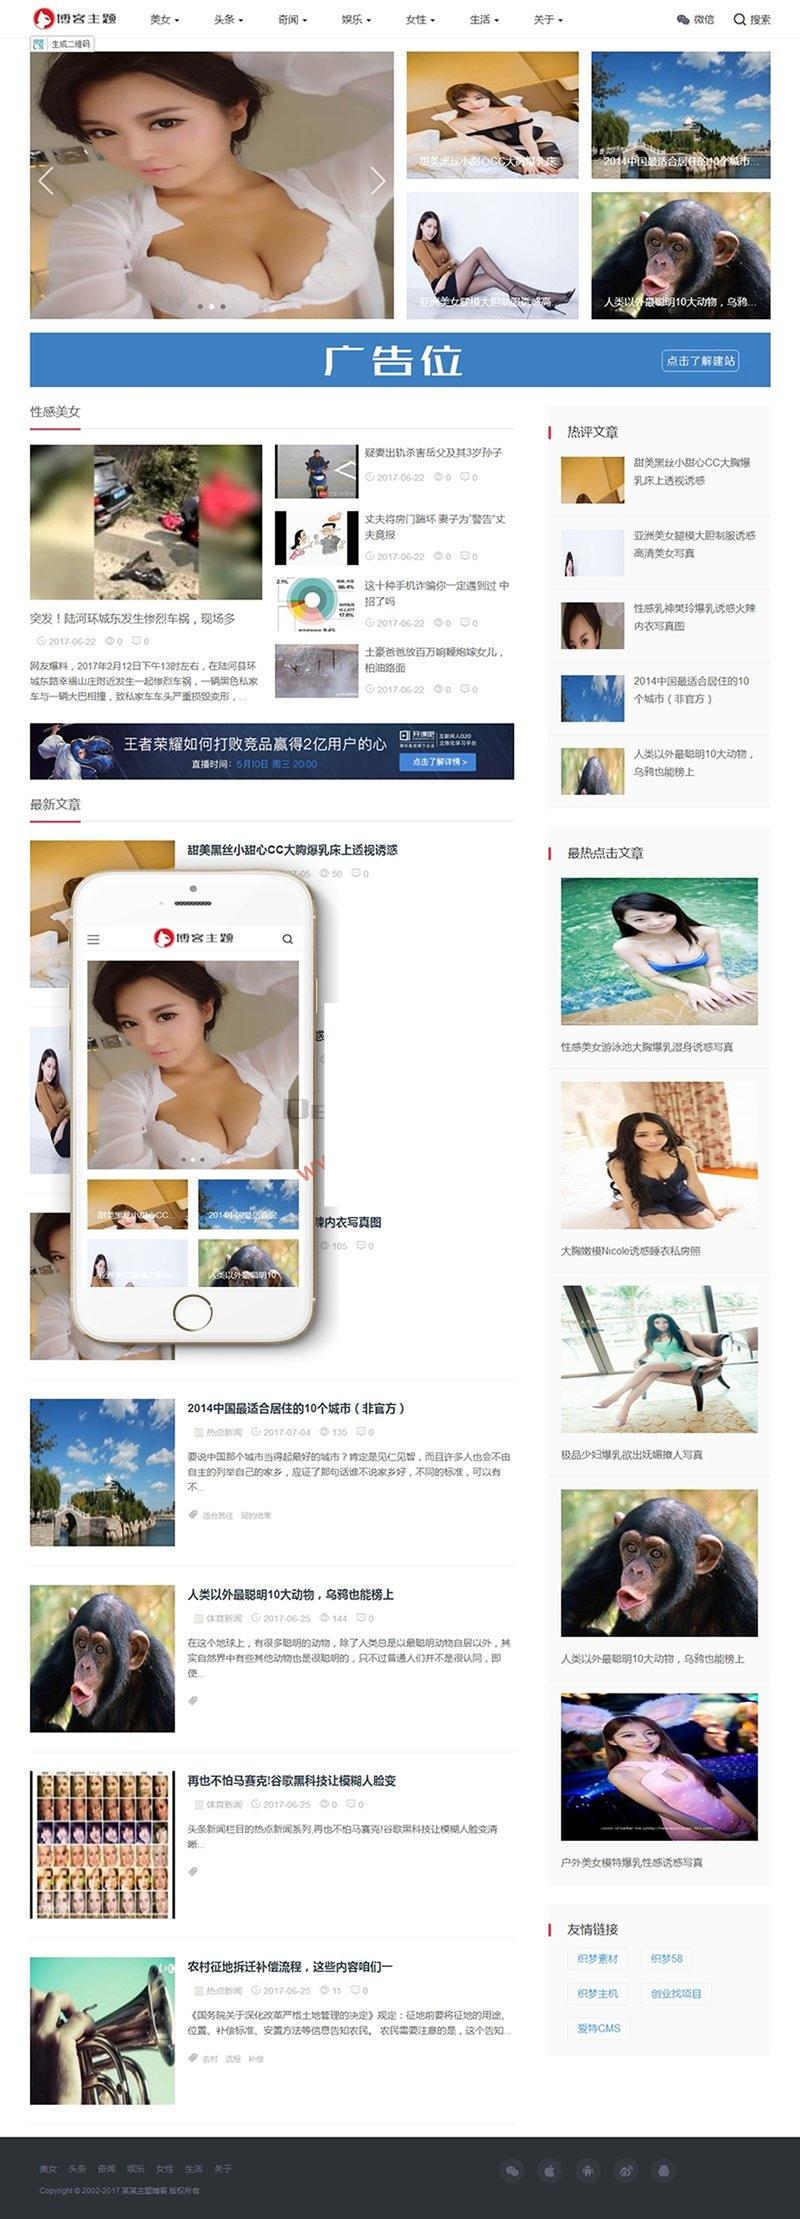 响应式主题博客新闻网站源码 自适应手机端 织梦模板 第1张